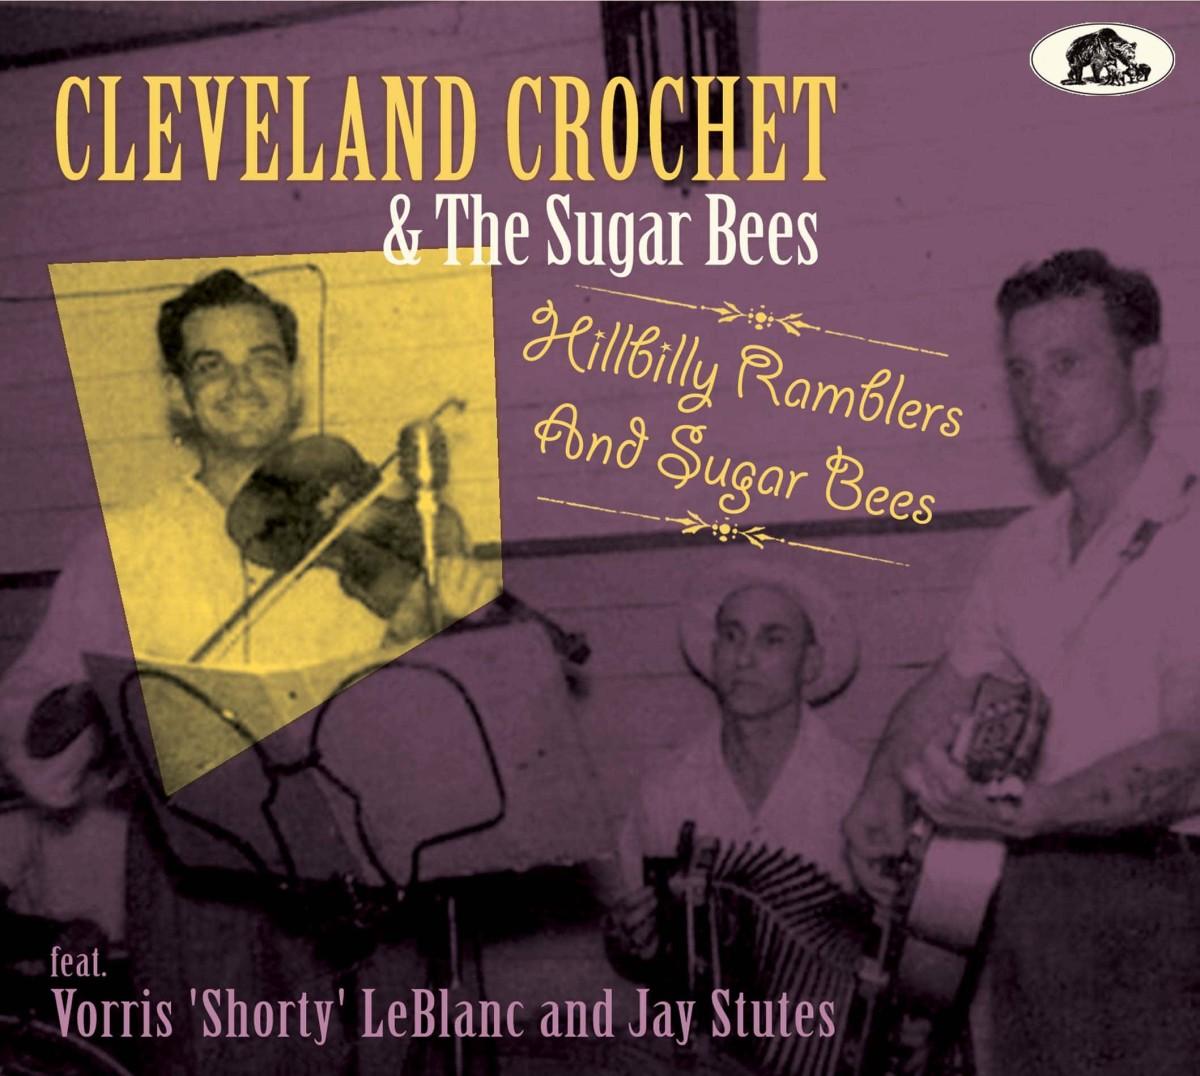 Cleveland Crochet